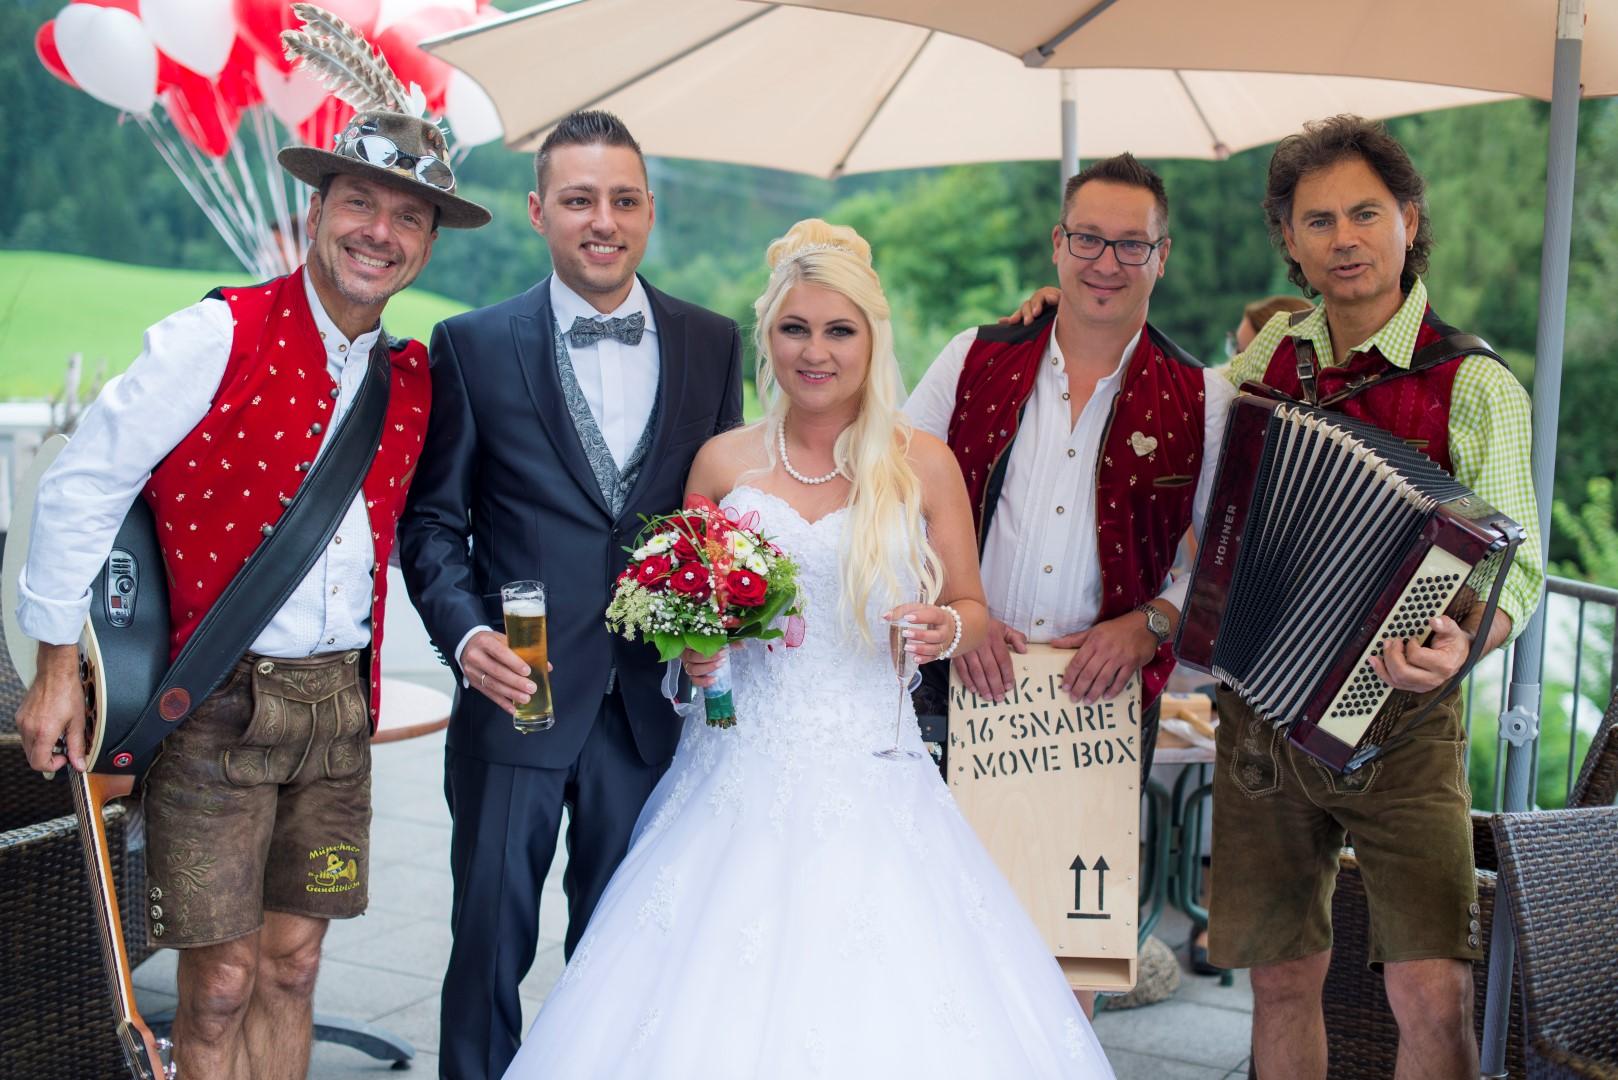 Hochzeitsband Munchen Bayern Oberbayern Partyband Soulband Word